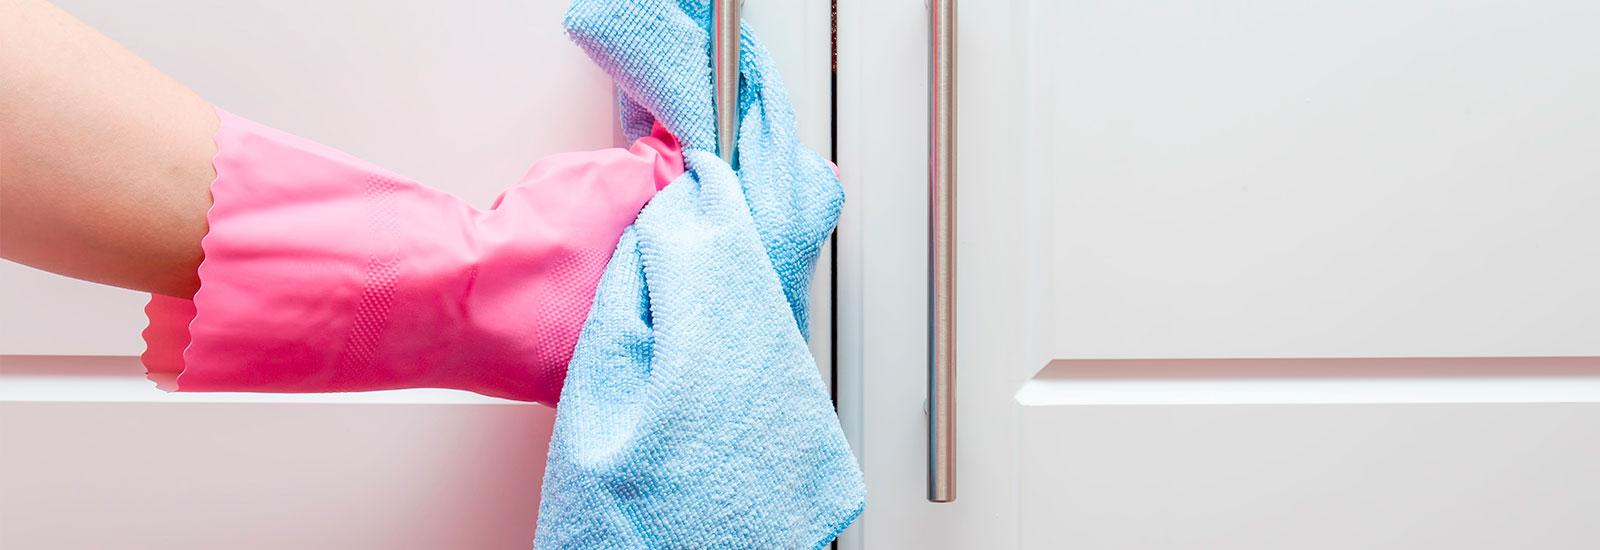 Bevorzugt Wie reinige ich meine Wohnungstür? Die 5 wichtigsten Tipps und KO48